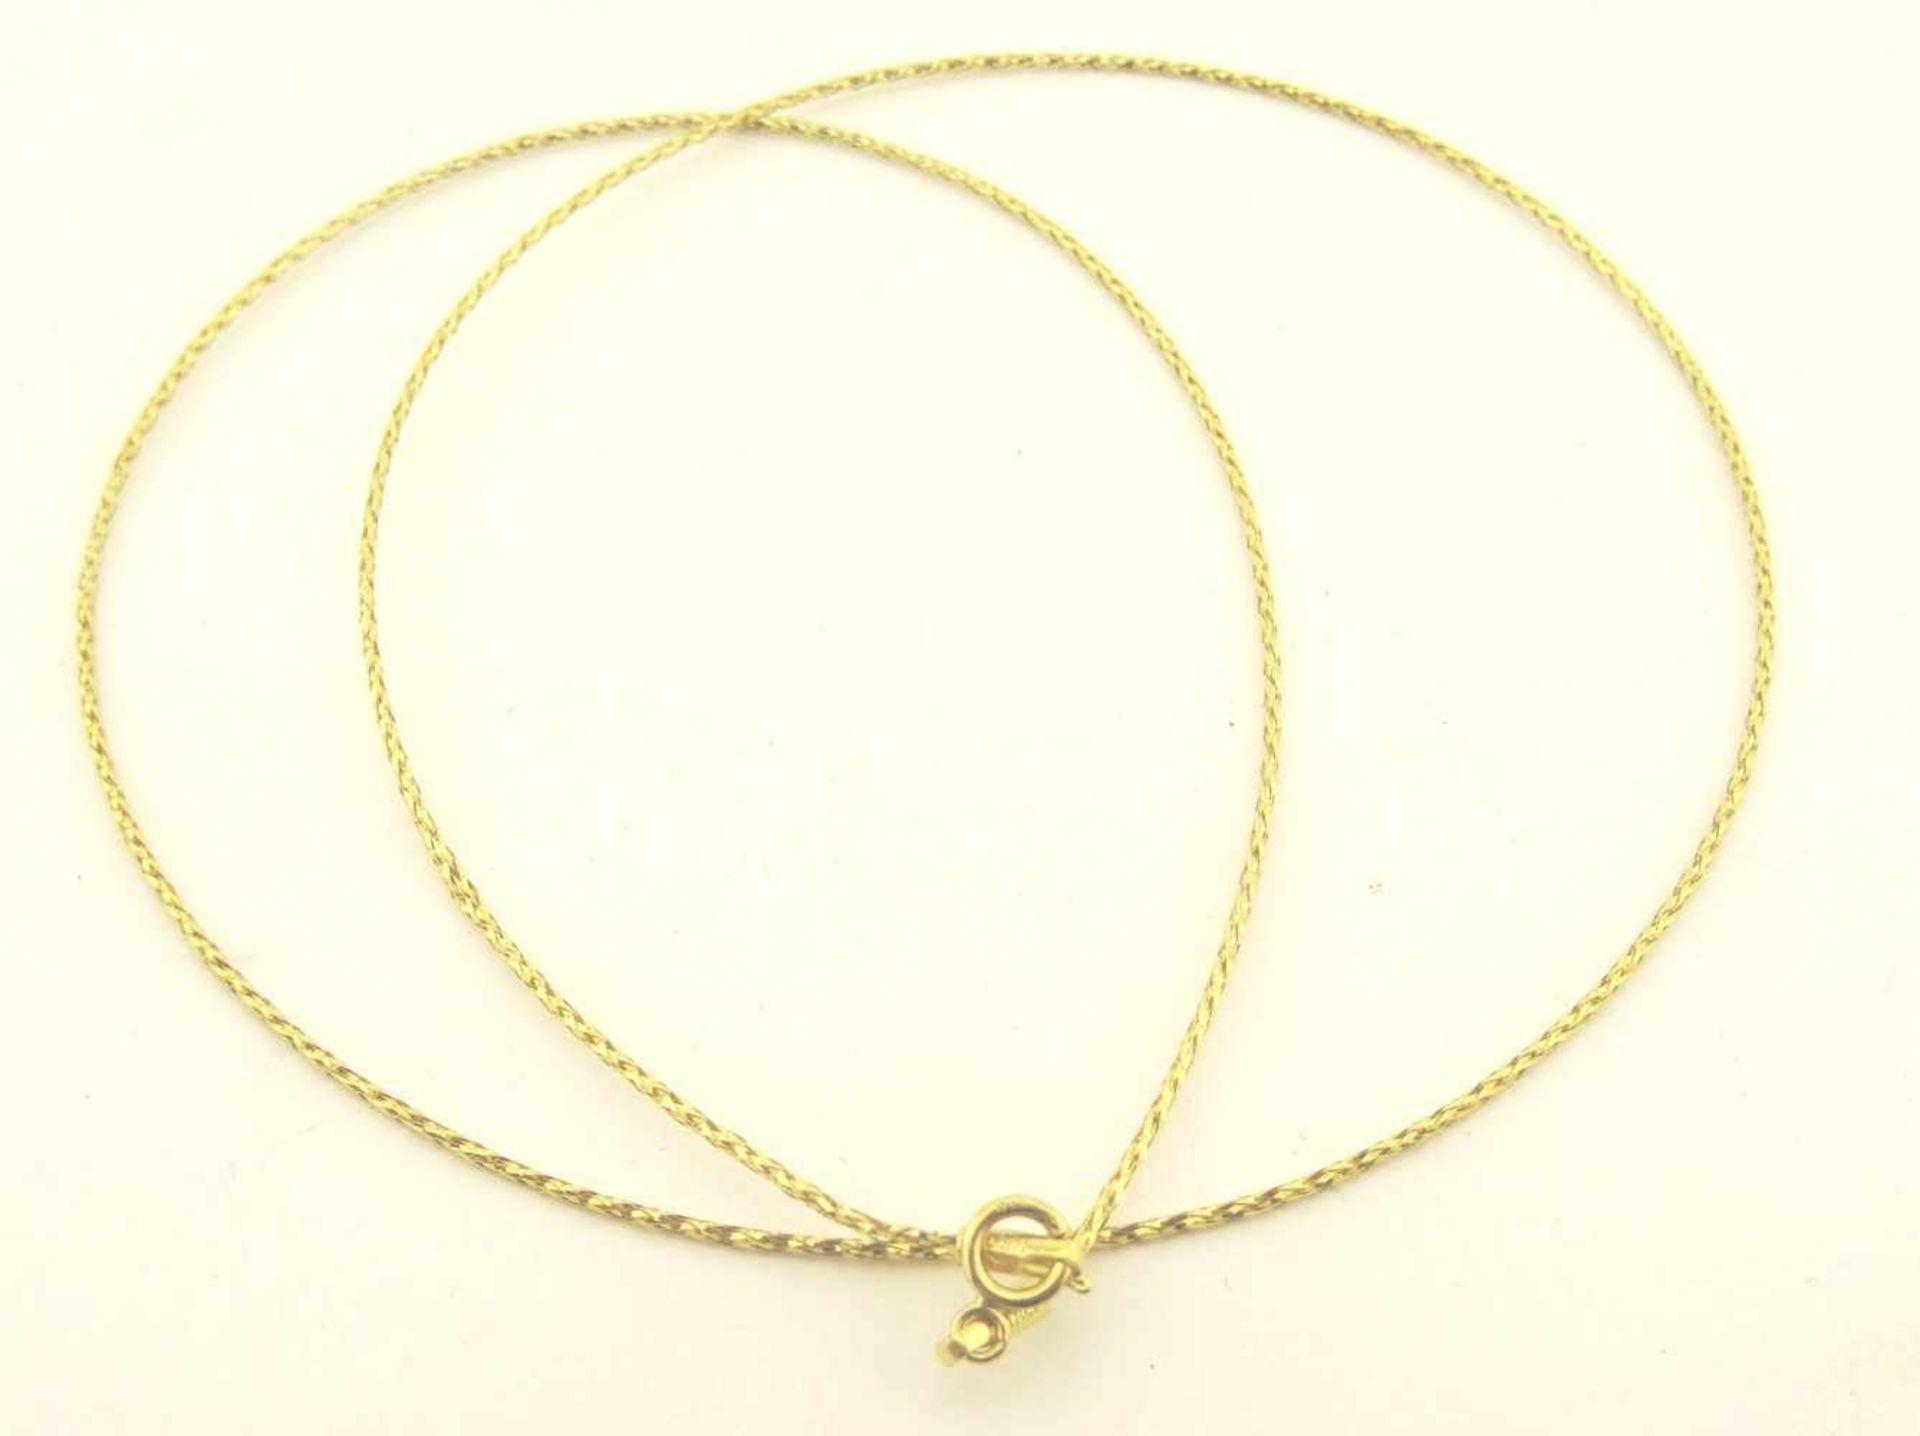 Los 34 - Schlauchkette 750 Gold Schlauchkette 750 Gold, Breite ca. 1,0mm, Länge ca. 50cm, Gewicht ca. 1,2g